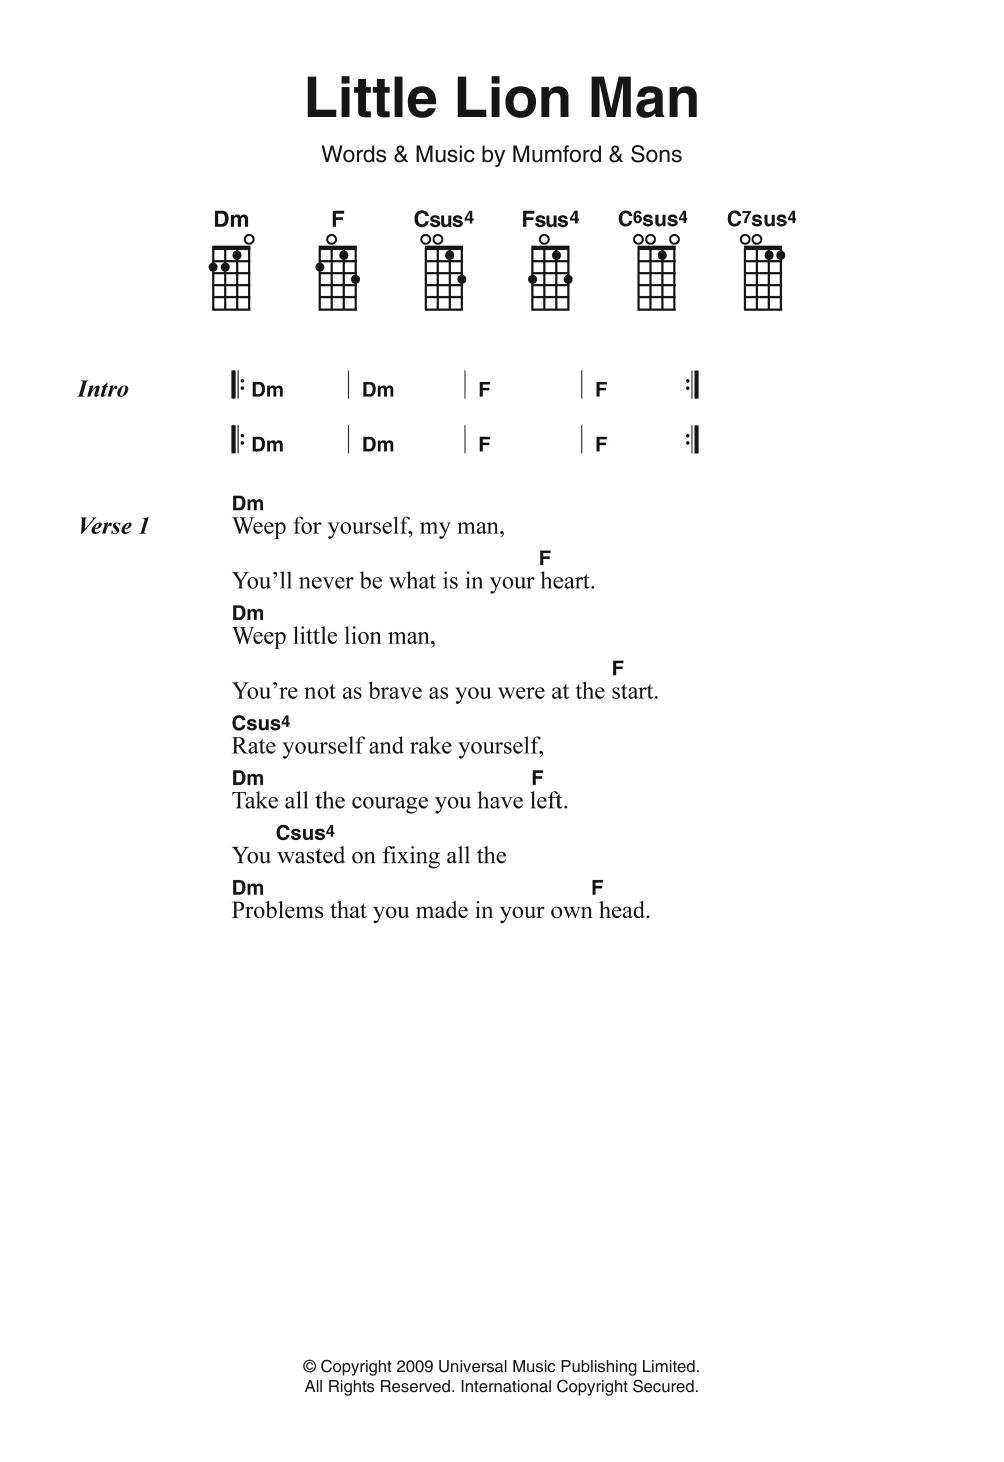 Little Lion Man Ukulele Chords : little, ukulele, chords, Little, Sheet, Music, Mumford, Piano,, Vocal, Guitar